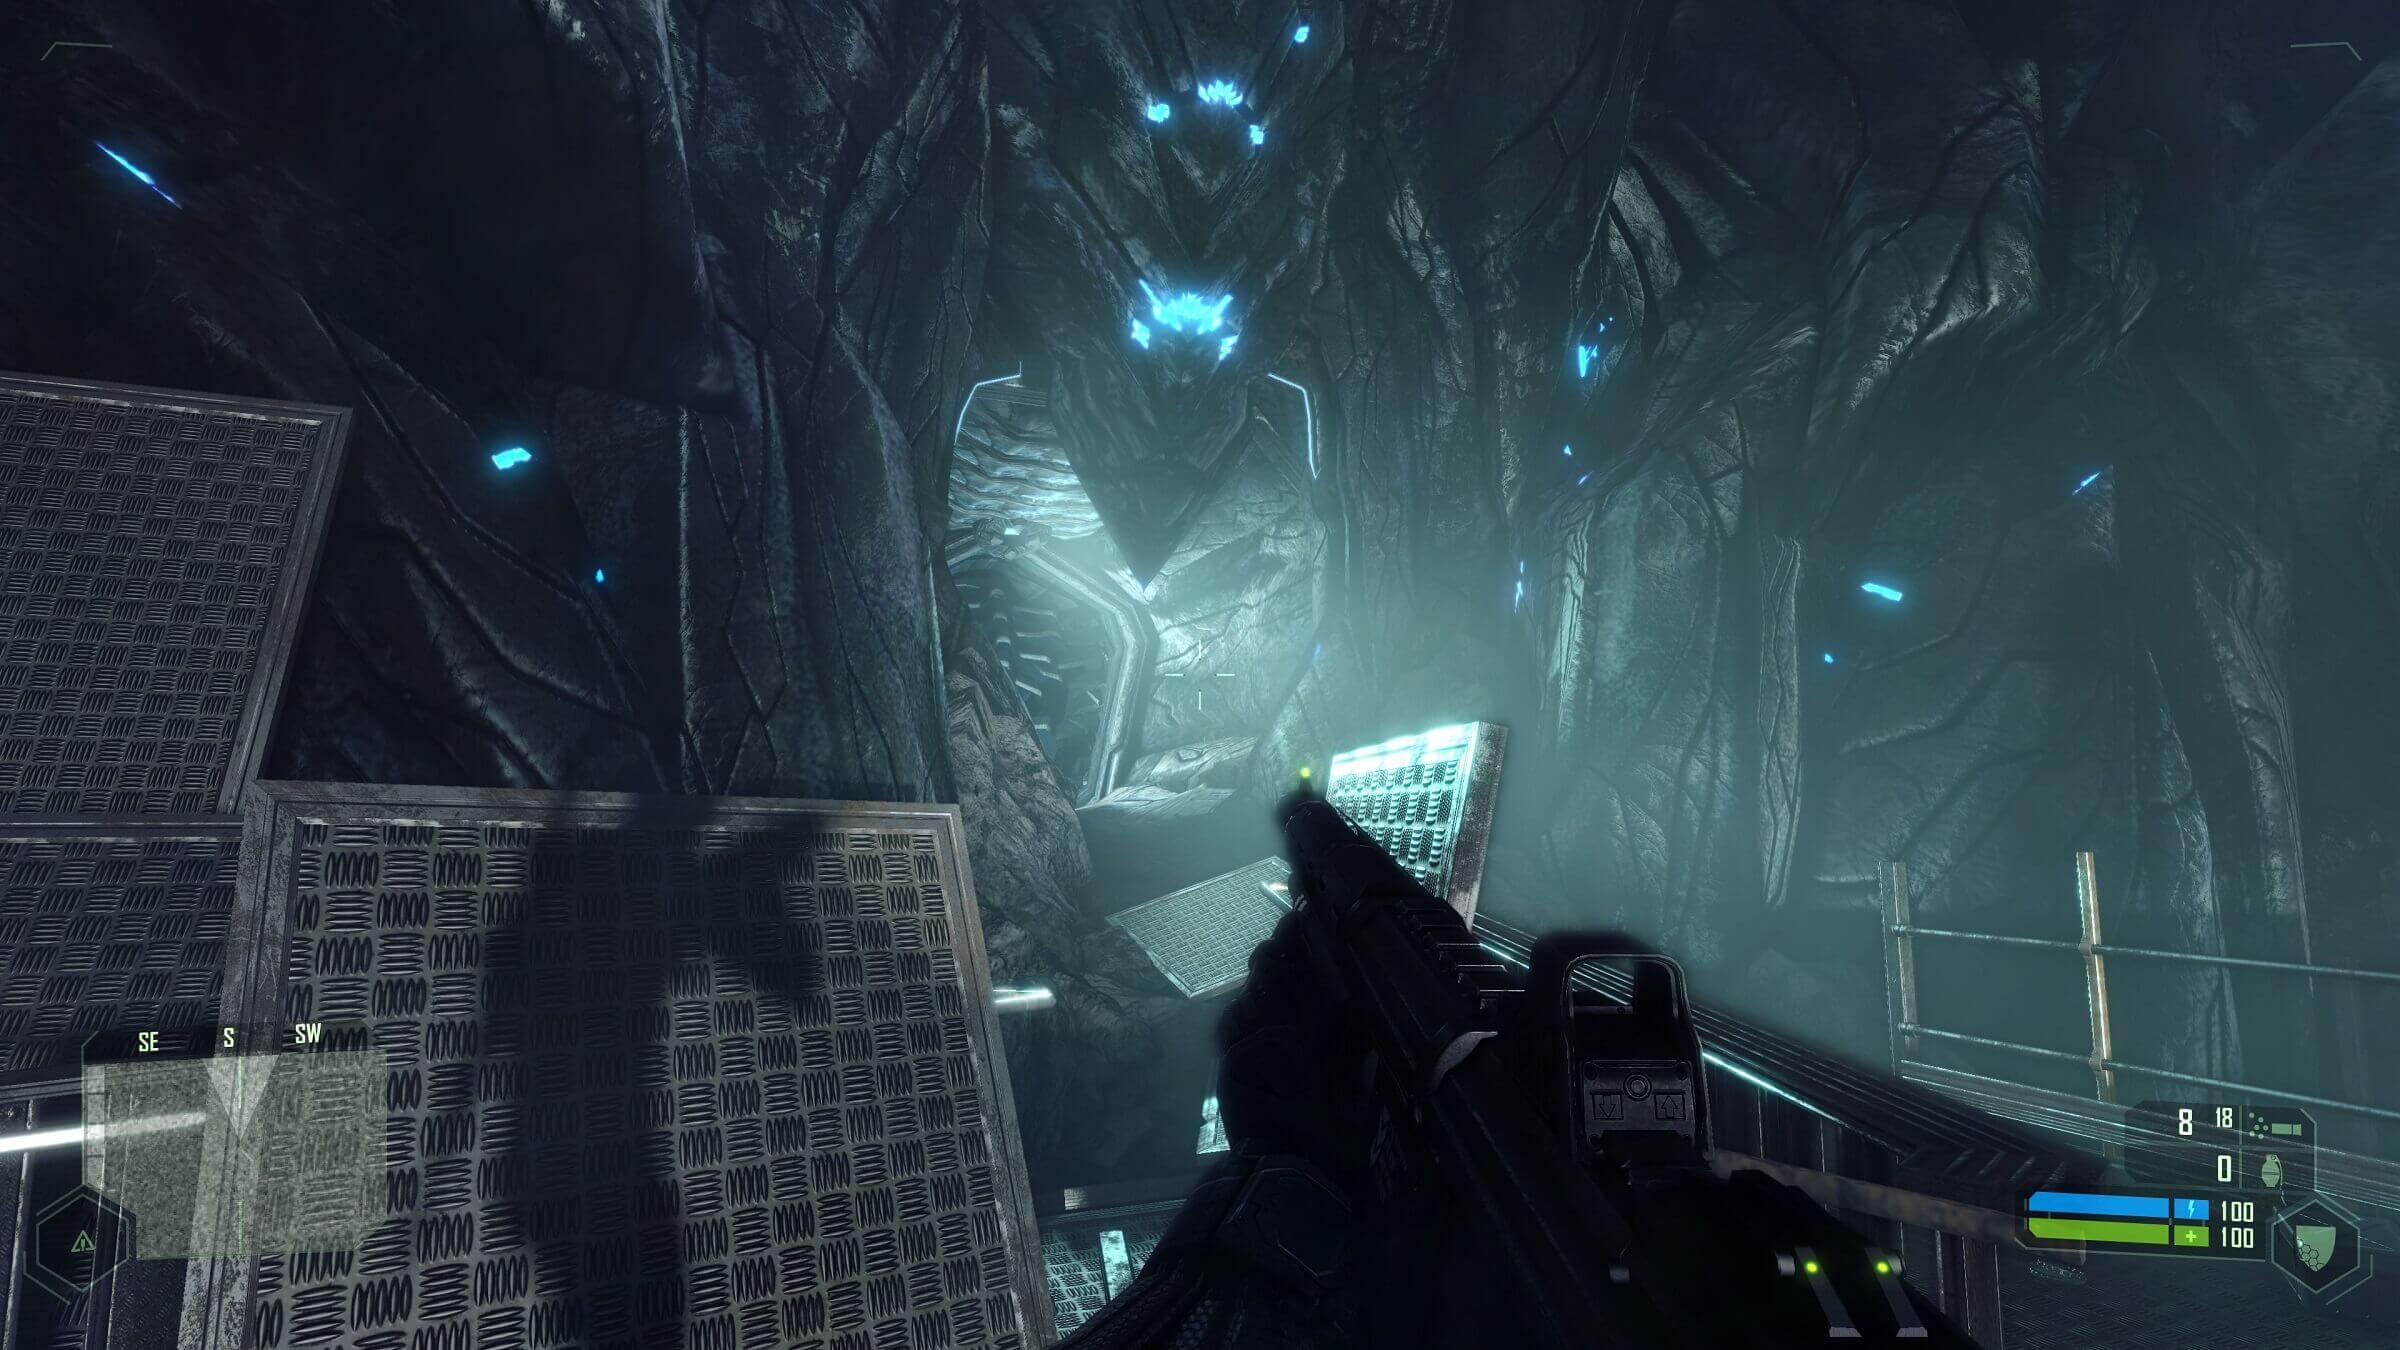 «А Crysis потянет?» Почему до сих пор обсуждают игру, выпущенную 13 лет назад - 14